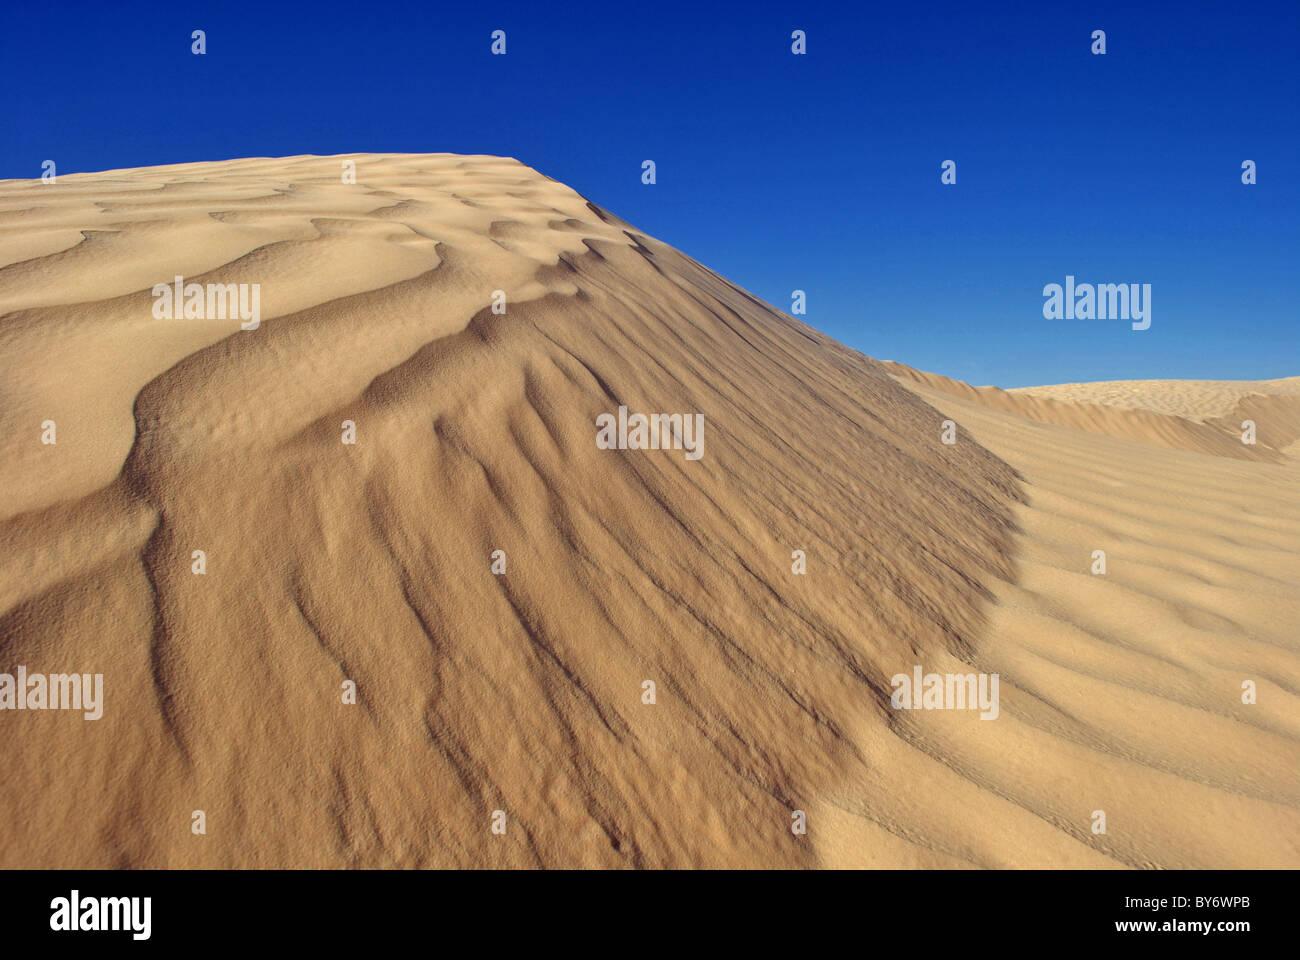 Sanddünen in der Sahara (großen östlichen Erg) in der Nähe von Douz, Tunesien Stockbild